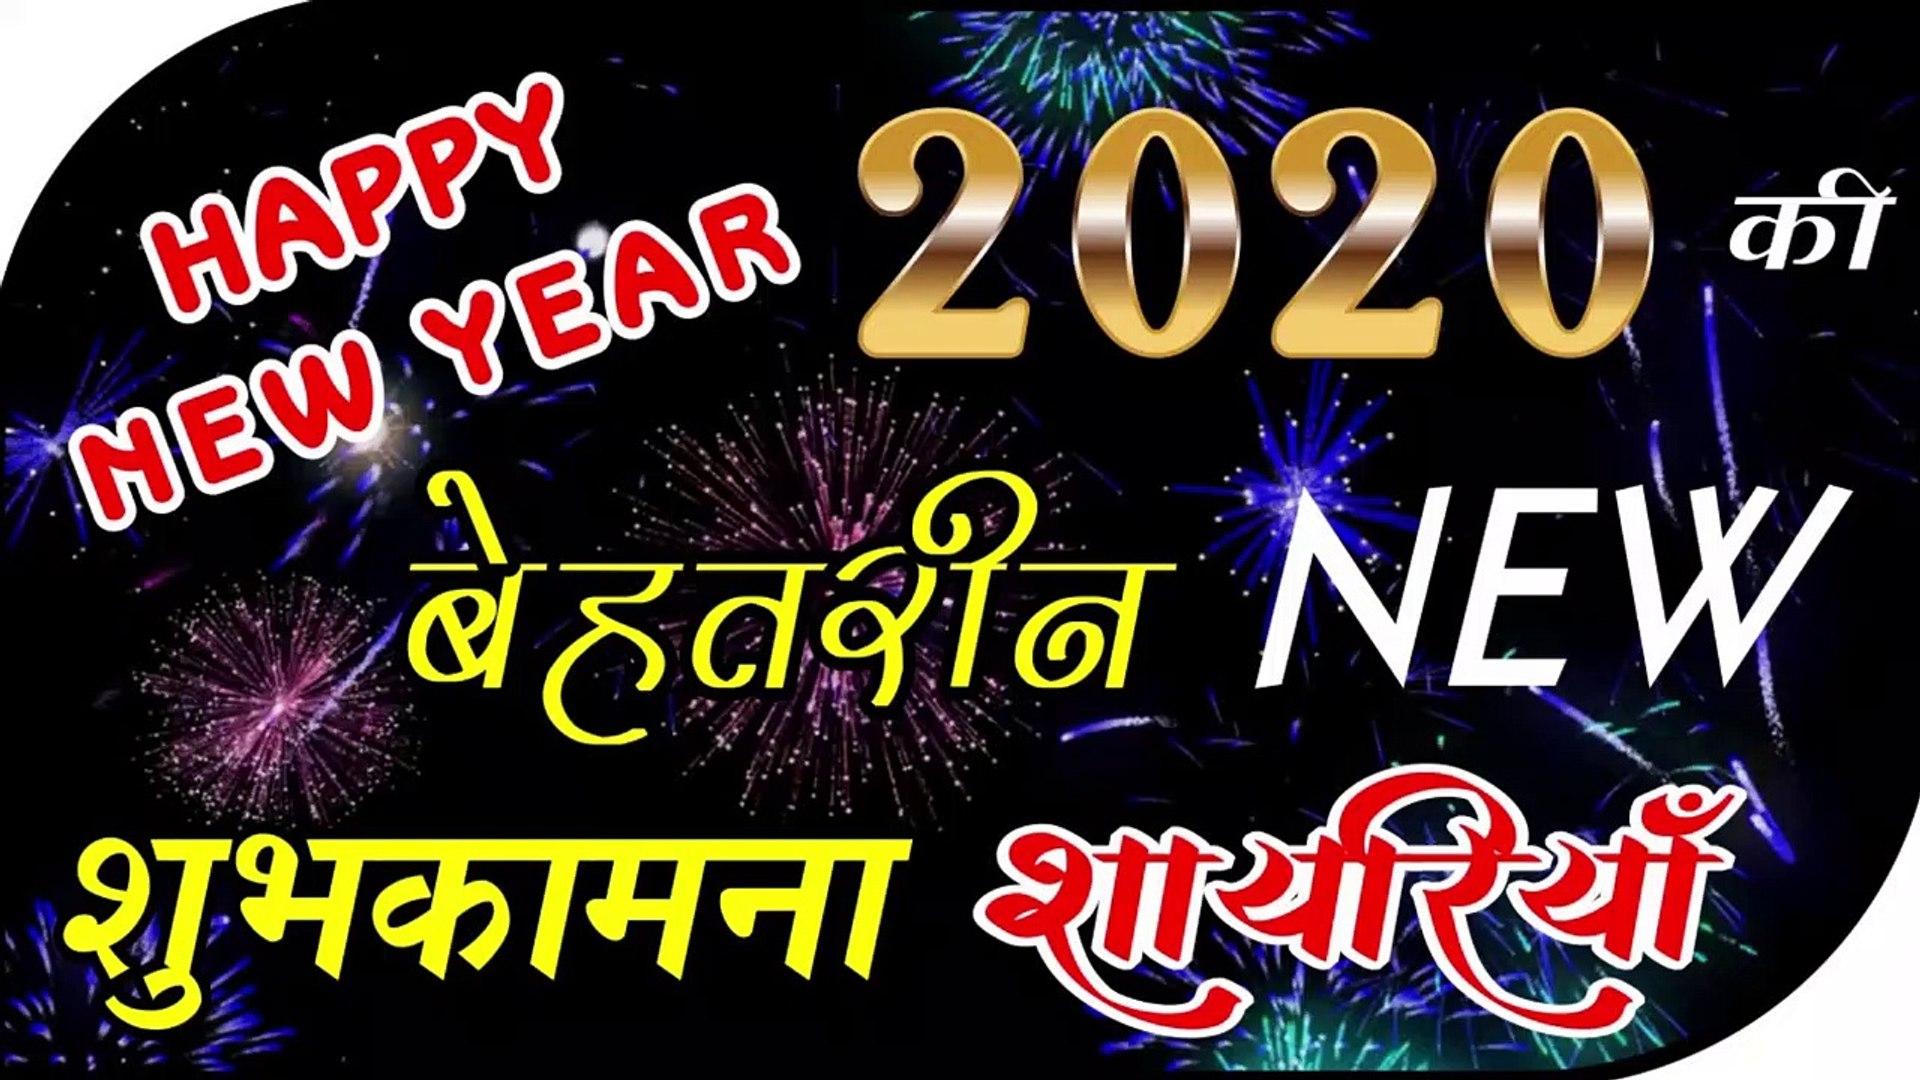 Happy New Year 2020 shayari  Naye Saal 2020 Ki Shayari   SMS   Whatsupp Message   Wishes In Hindi  